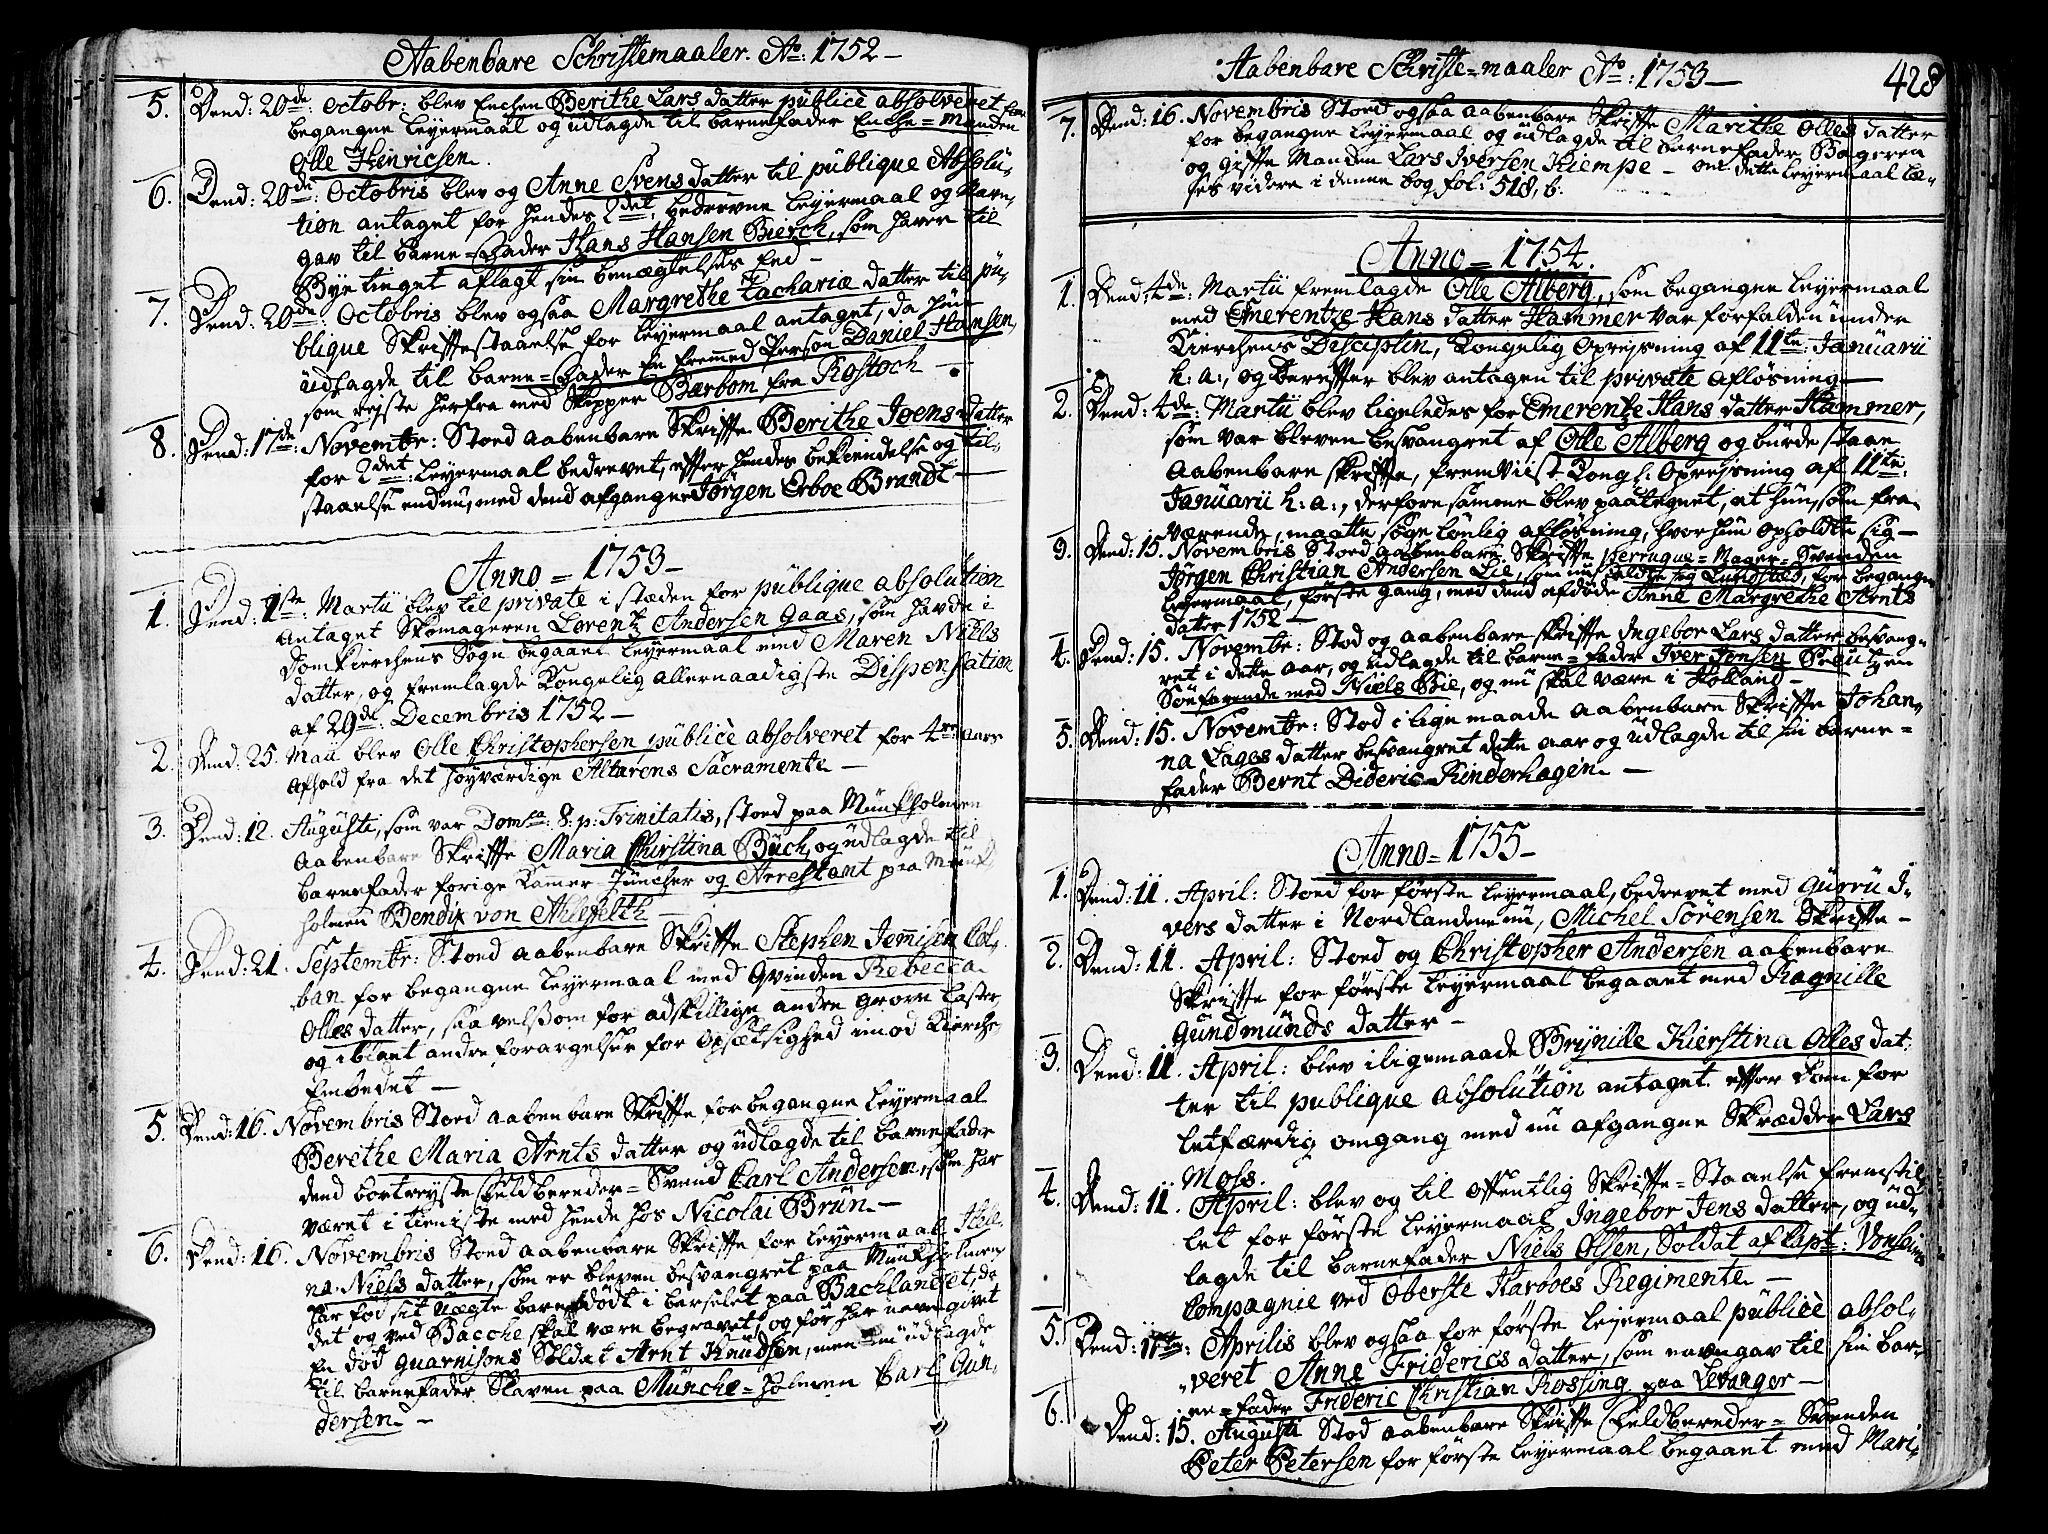 SAT, Ministerialprotokoller, klokkerbøker og fødselsregistre - Sør-Trøndelag, 602/L0103: Ministerialbok nr. 602A01, 1732-1774, s. 428